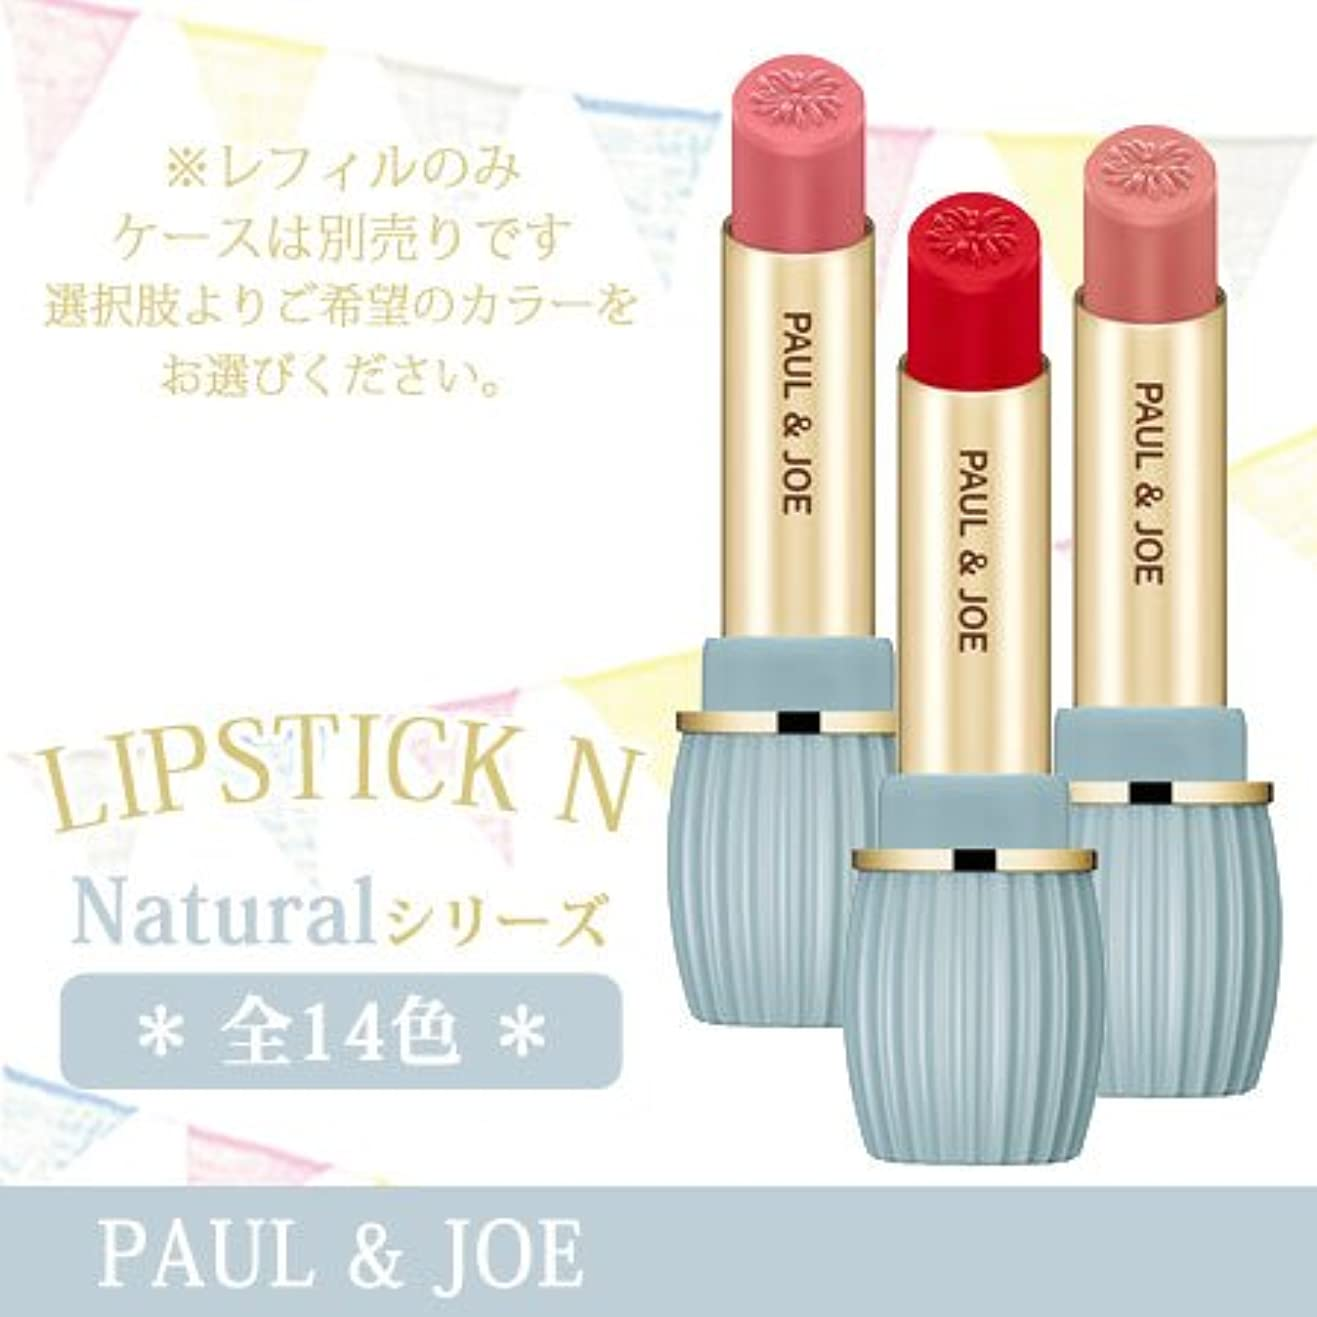 何でもデュアル天井ポール&ジョー リップスティック N レフィル Naturalシリーズ -PAUL&JOE-【並行輸入品】 213